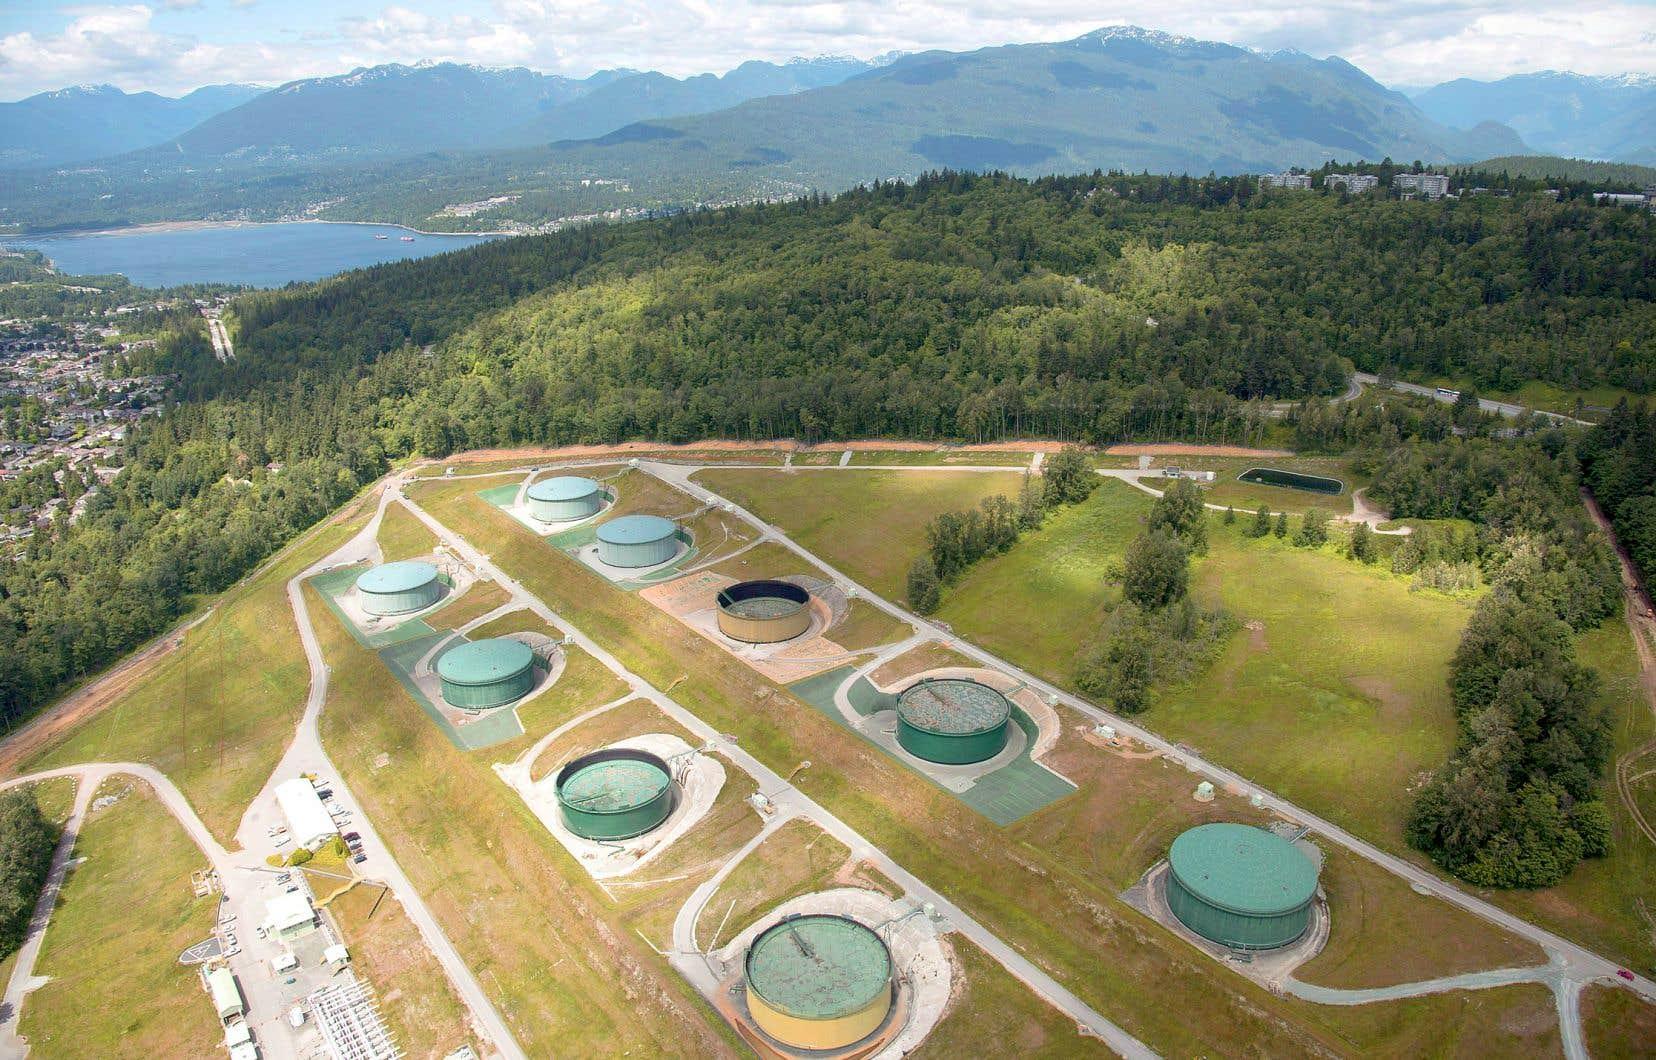 Kinder Morgan Canada a vu le jour au milieu de 2017 afin de recueillir des fonds visant à financer l'expansion de l'oléoduc Trans Mountain, mais elle a vendu ses actifs à Ottawa pour 4,5milliards l'été dernier.